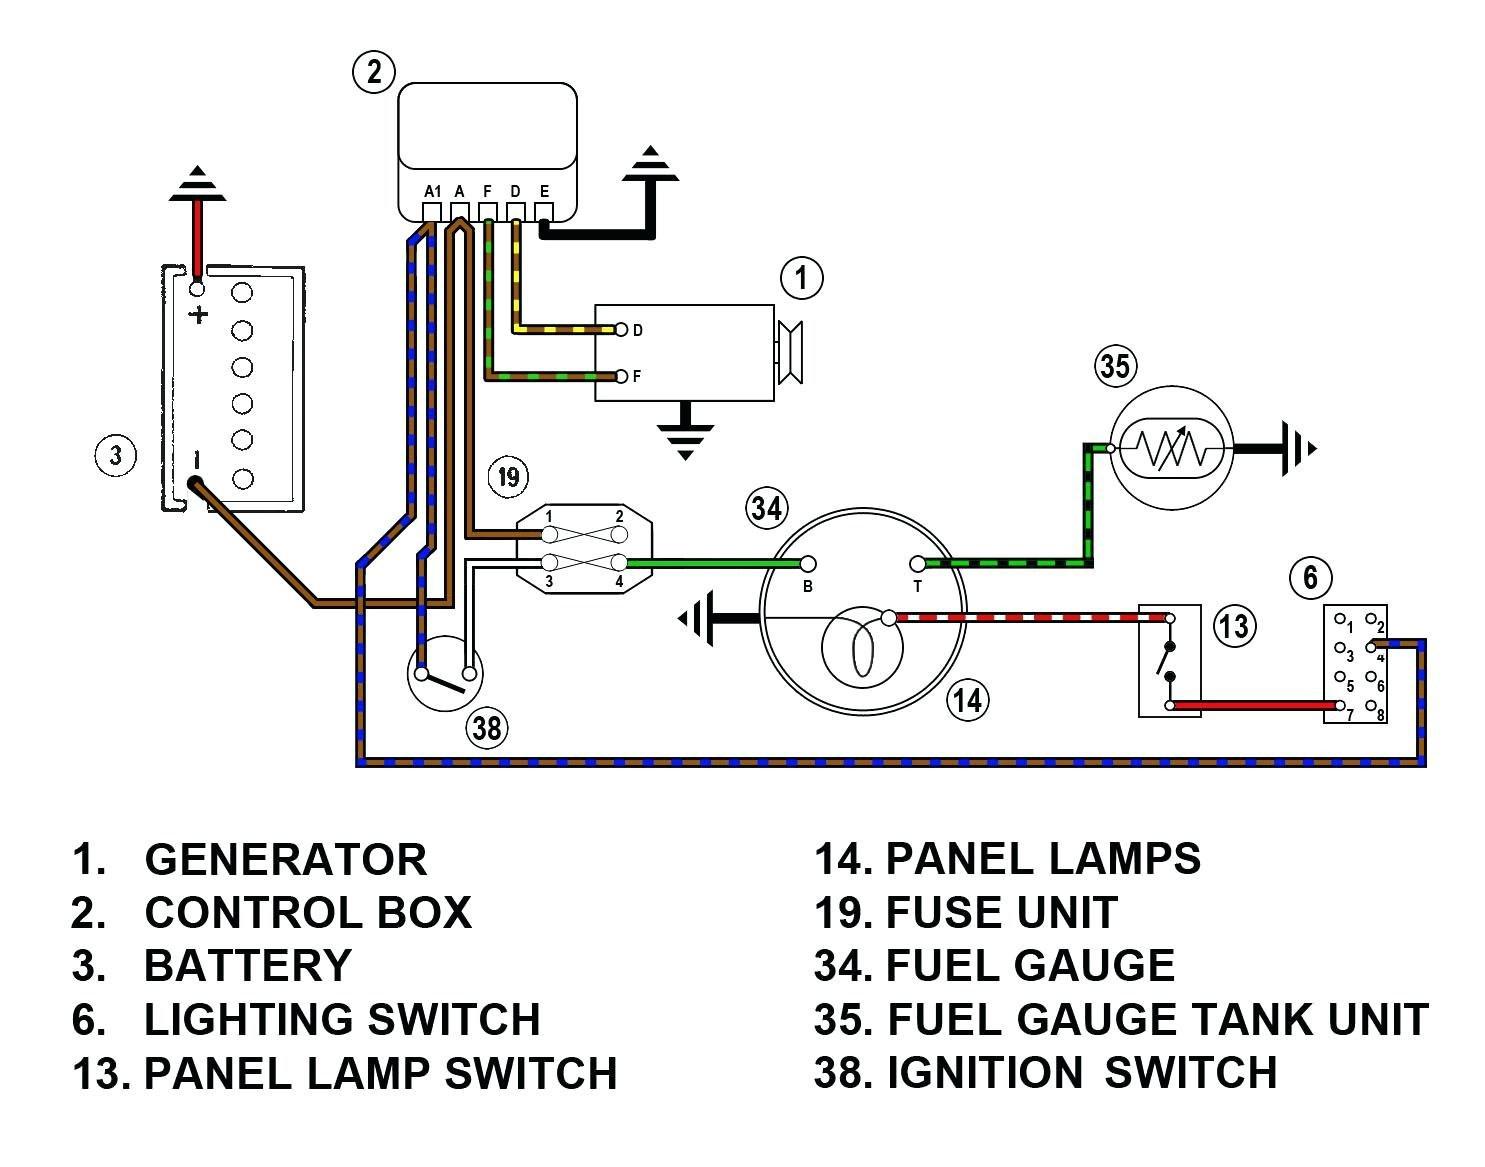 Battery Circuit Diagram Elegant 2 Battery Boat Wiring Diagram software  Freeware Diagrams forums 34 Cool